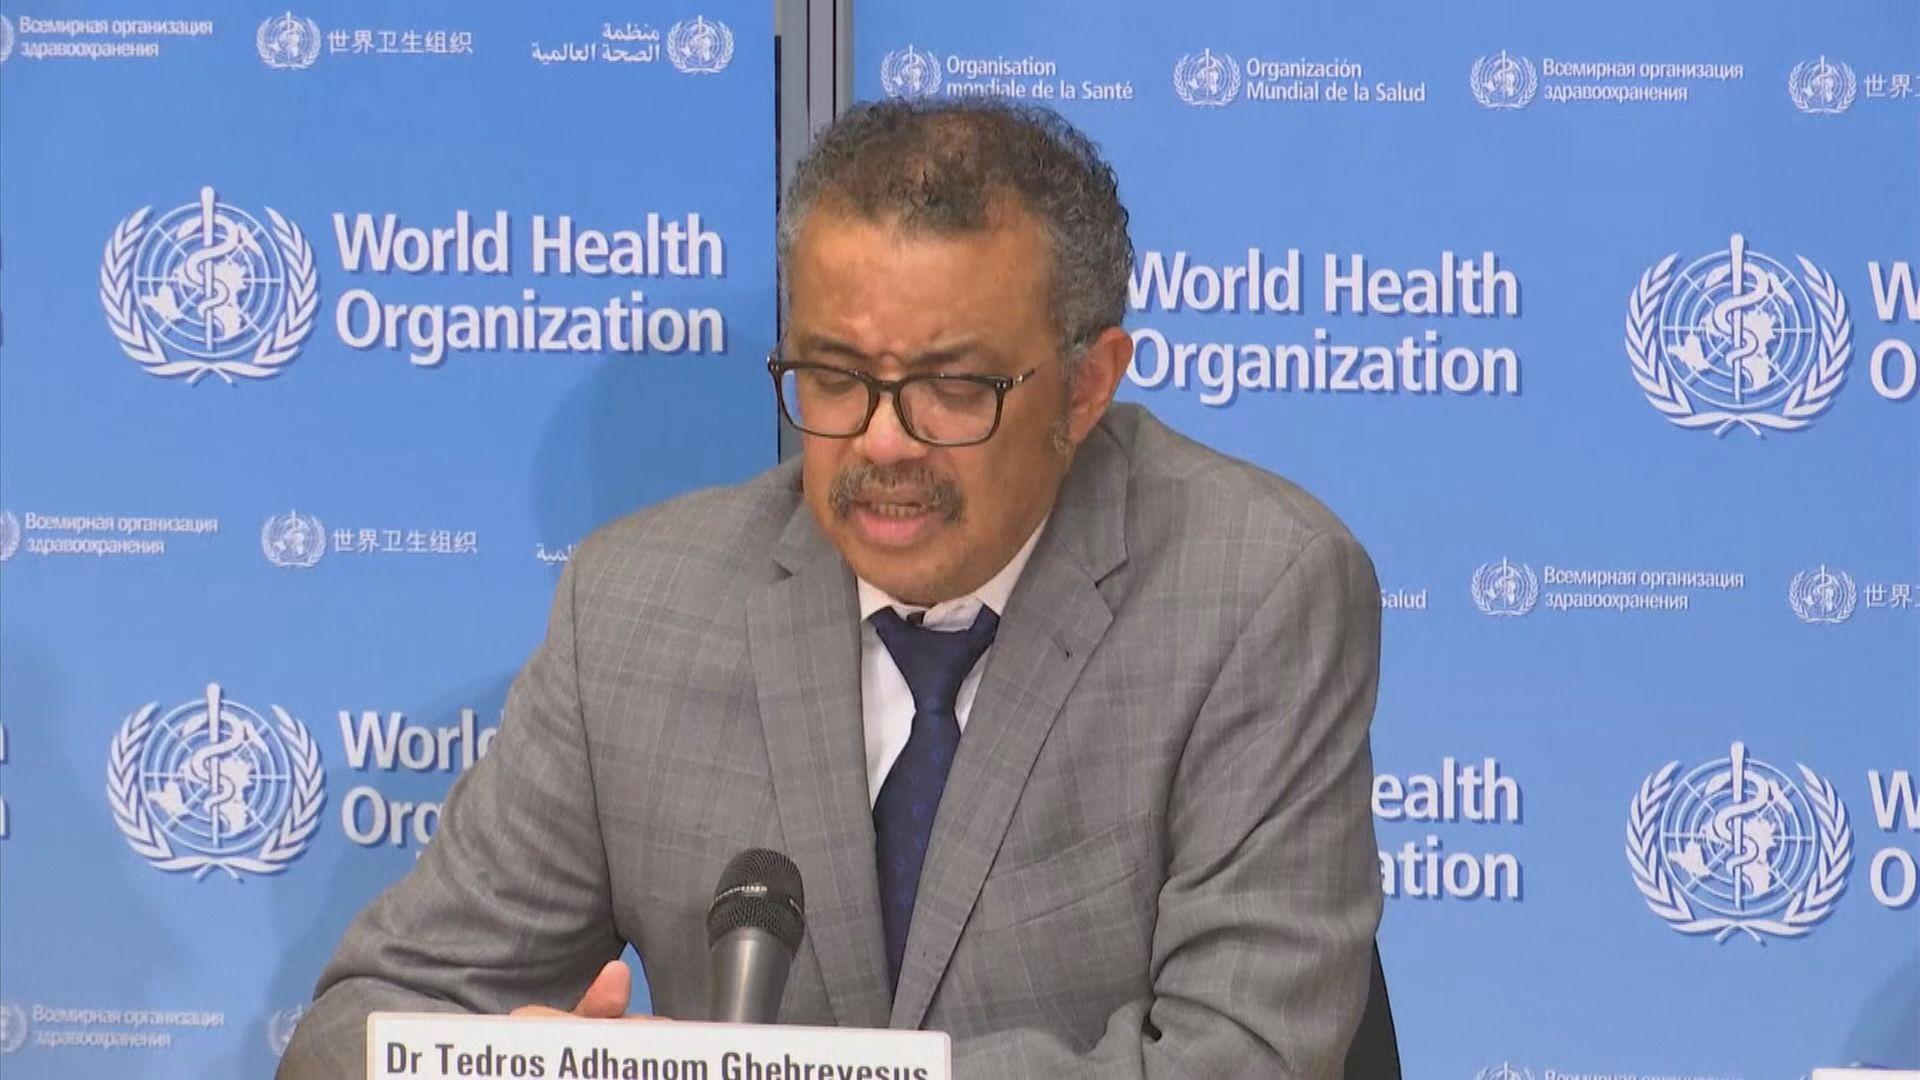 譚德塞:遏制疫情機會正在減少